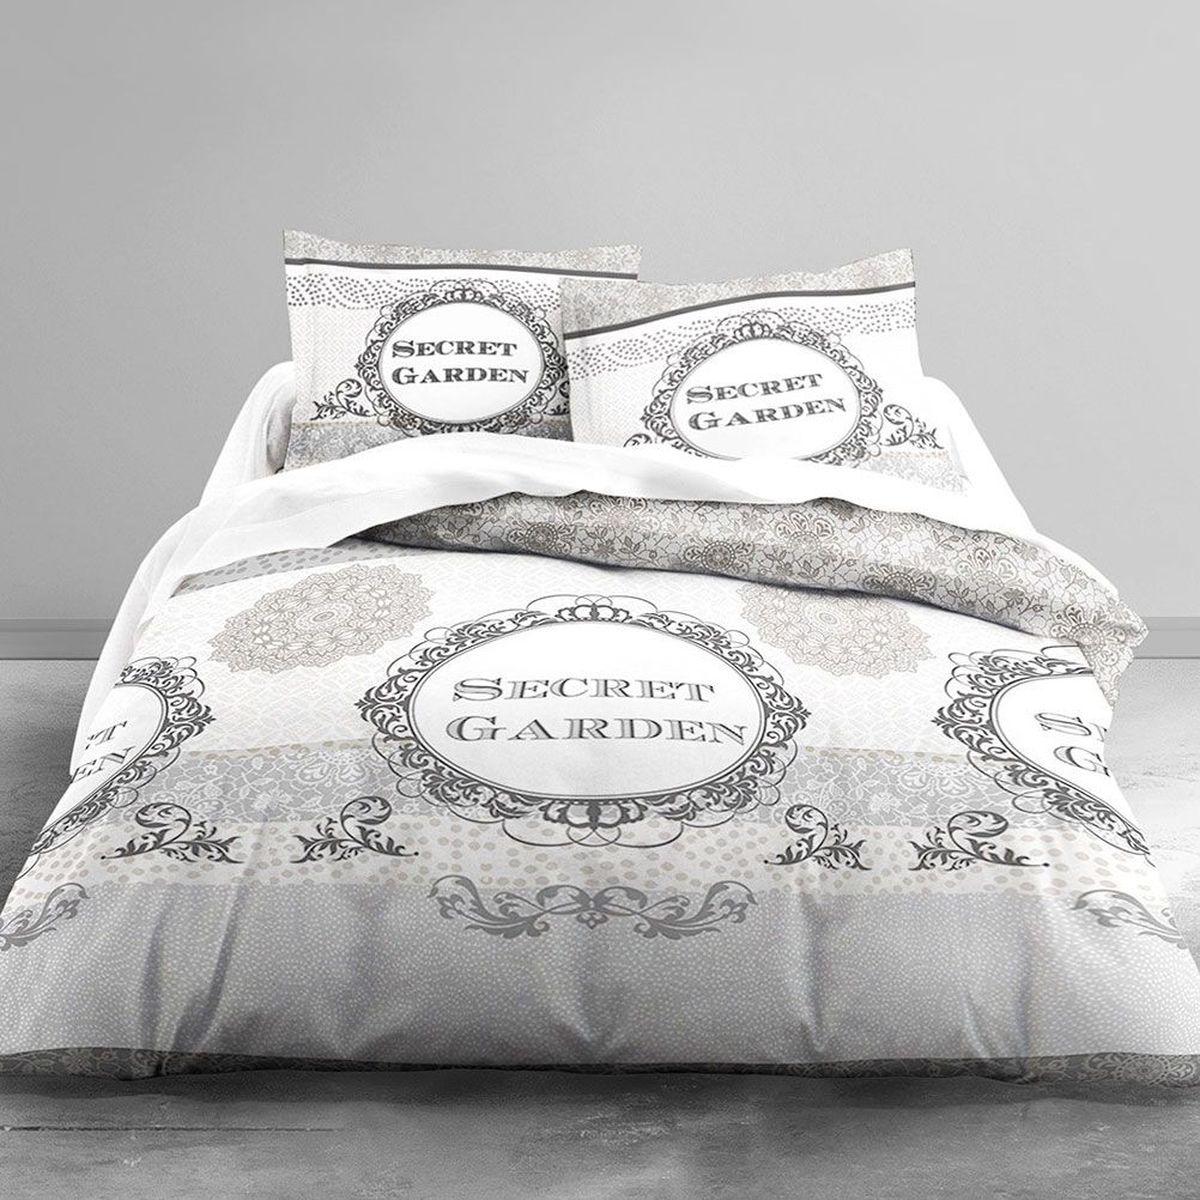 housse de couette secret garden et 2 taies 220 x 240 cm. Black Bedroom Furniture Sets. Home Design Ideas